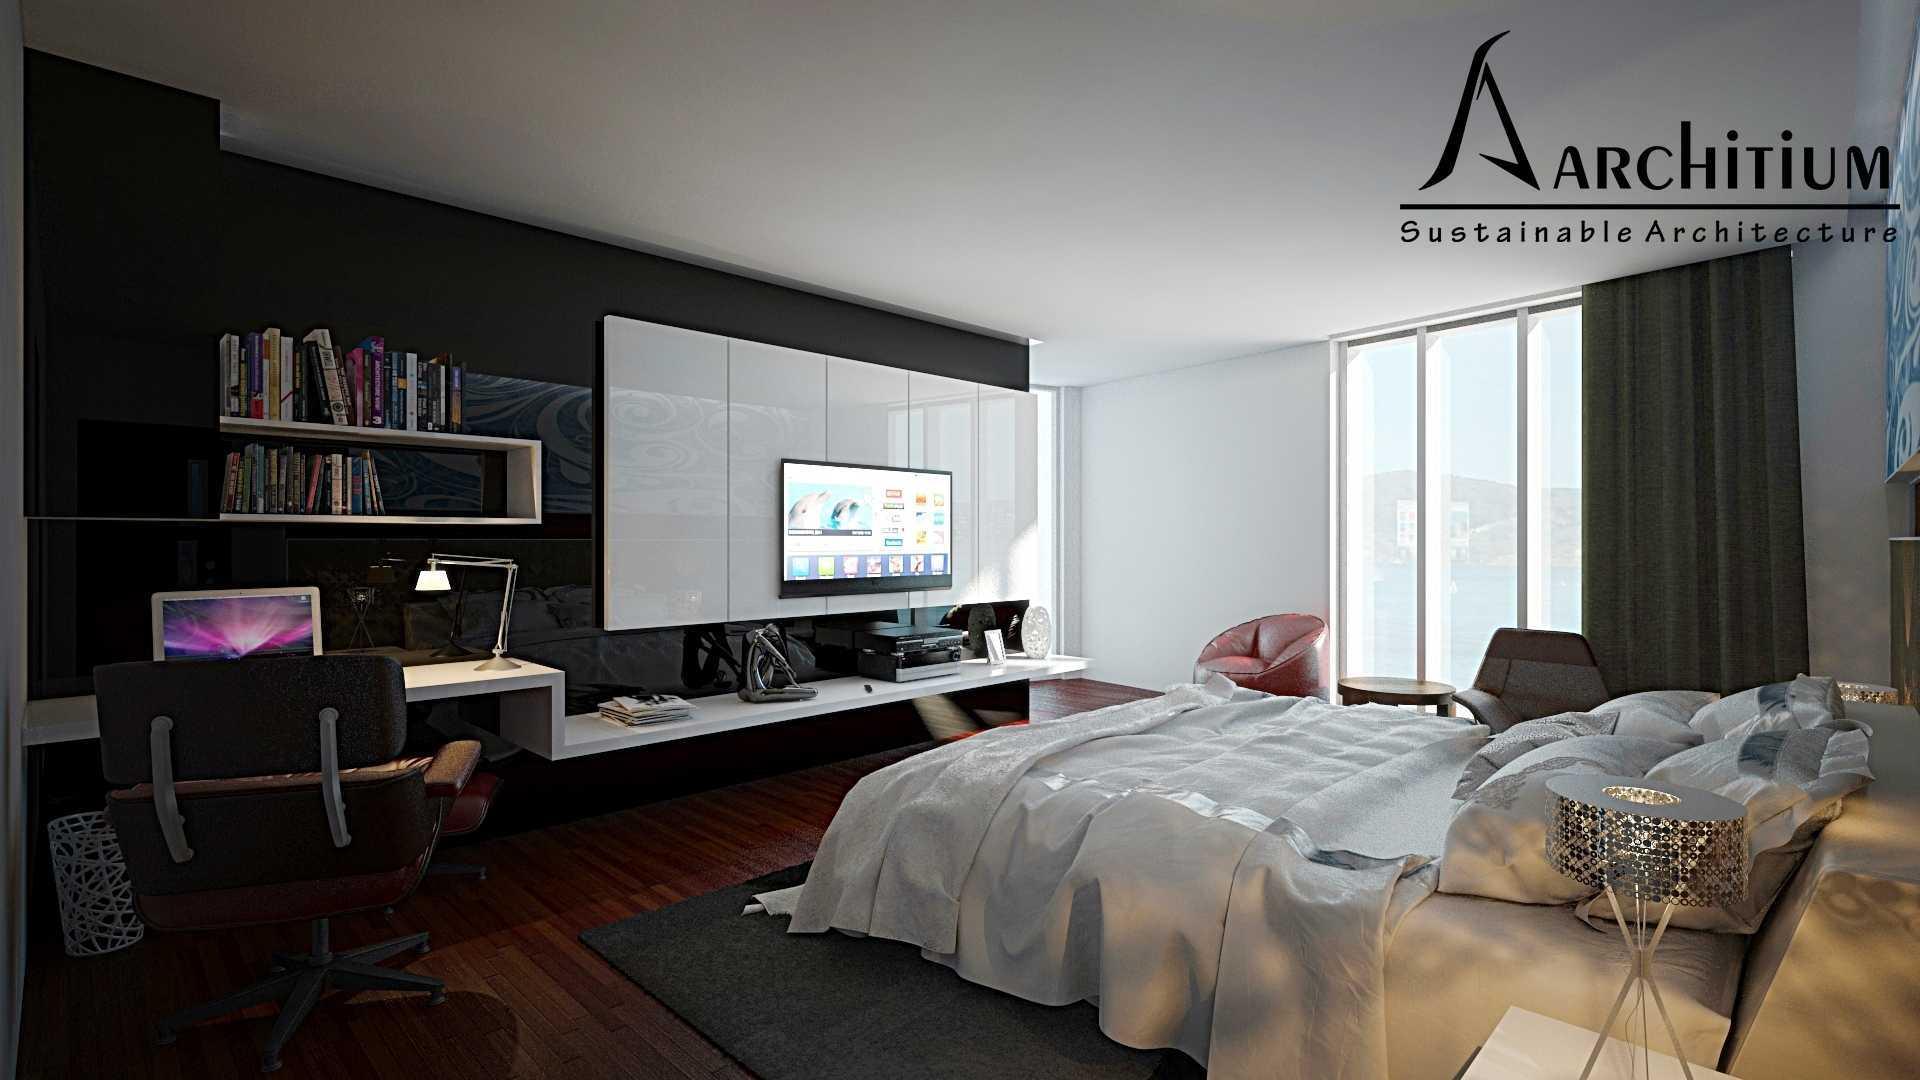 Architium Design Penthouse At Regatta Apartment Regatta Apartment, Jakarta Regatta Apartment, Jakarta Master-Bed-1 Minimalis  27423